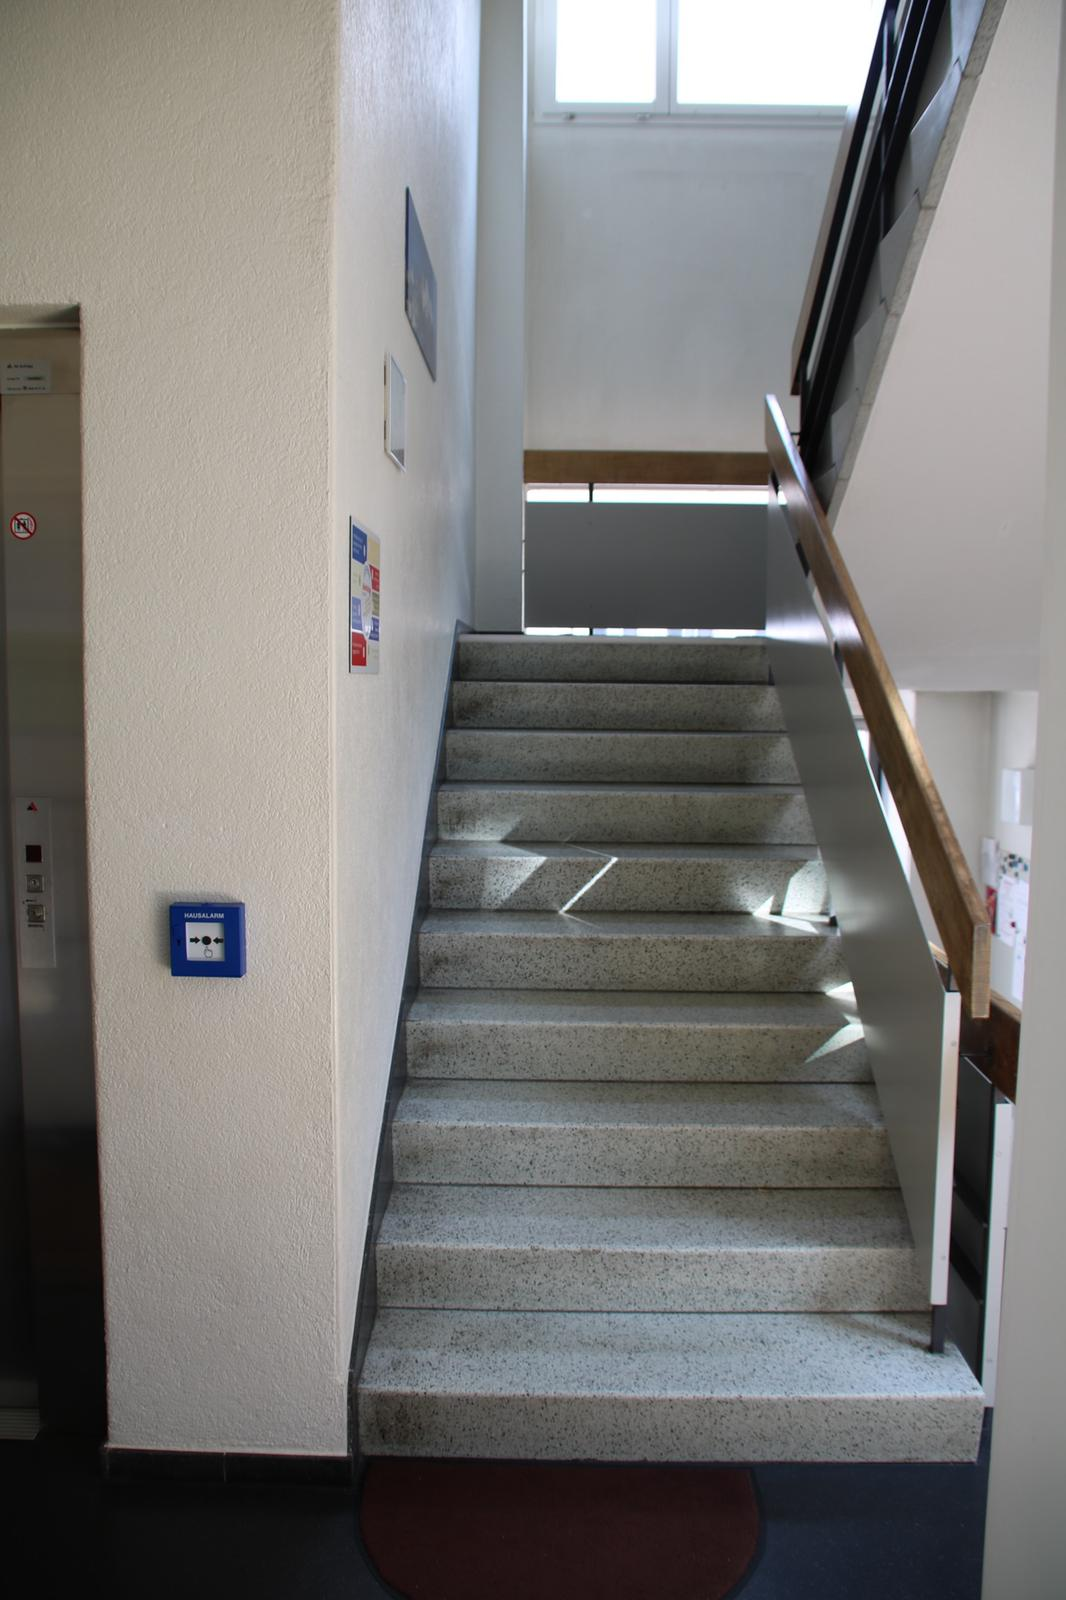 Referenz Schlüsseldienst Zürich Brandwarnanlage BEKA von Daitem Hausalarm Kindergarten Schule